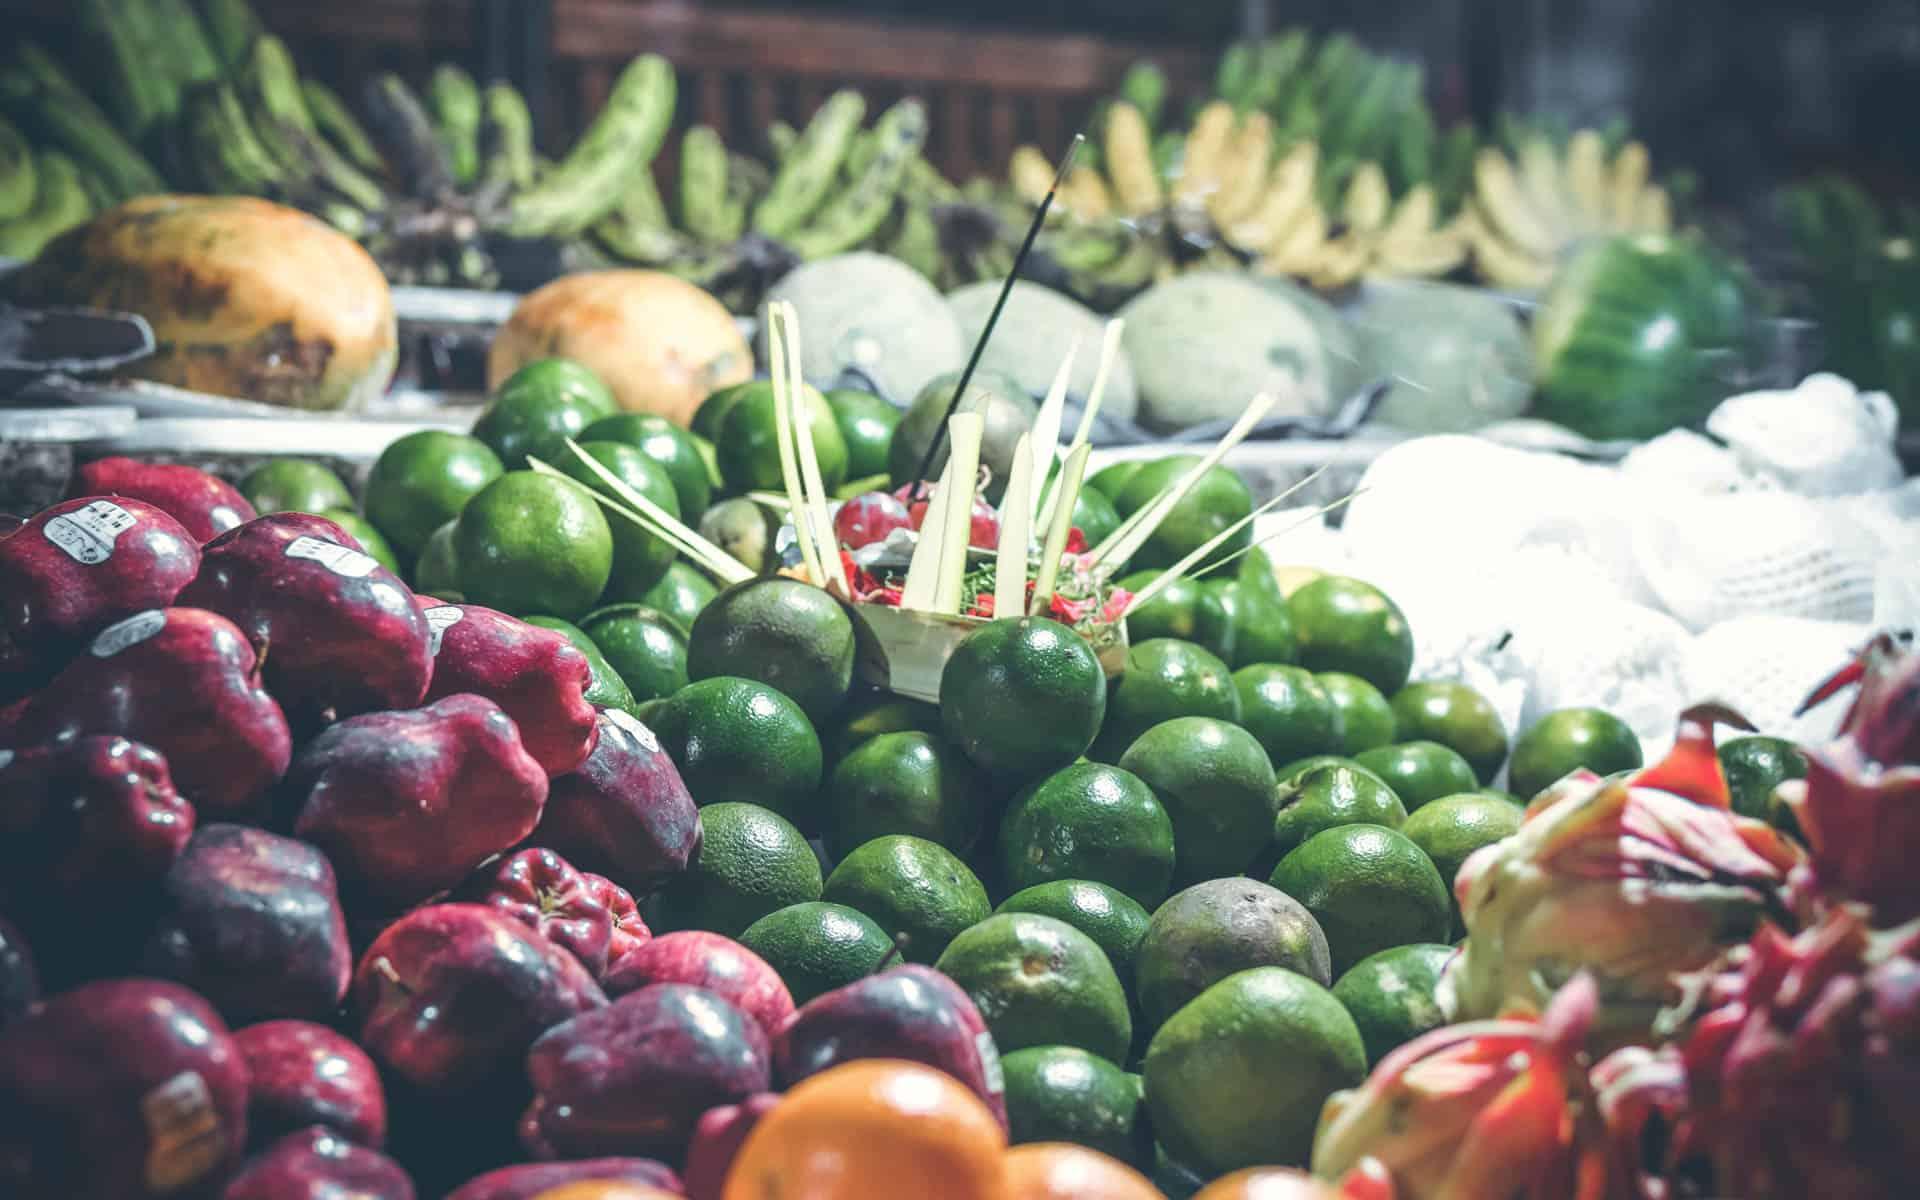 canggu-fruit-market